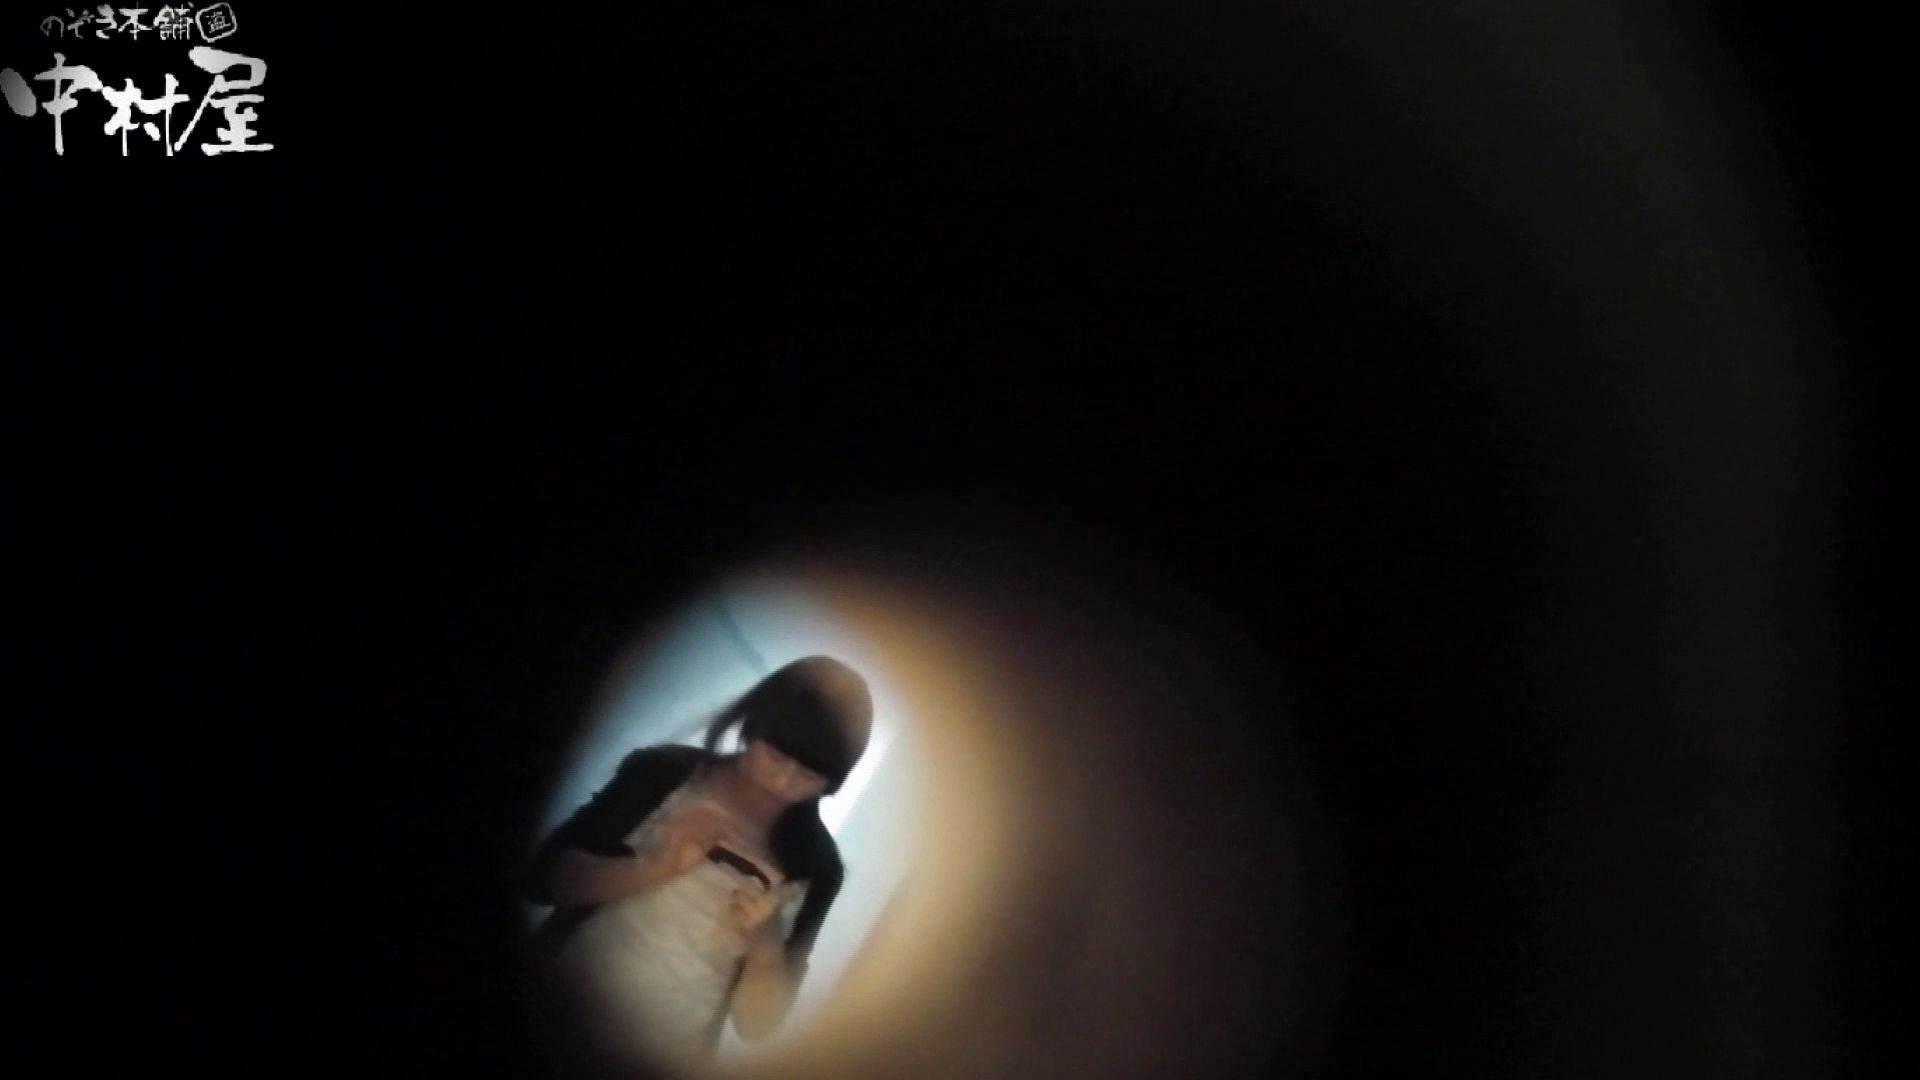 世界の射窓から~ステーション編~vol40 更に画質アップ!! HなOL | 0  95pic 73